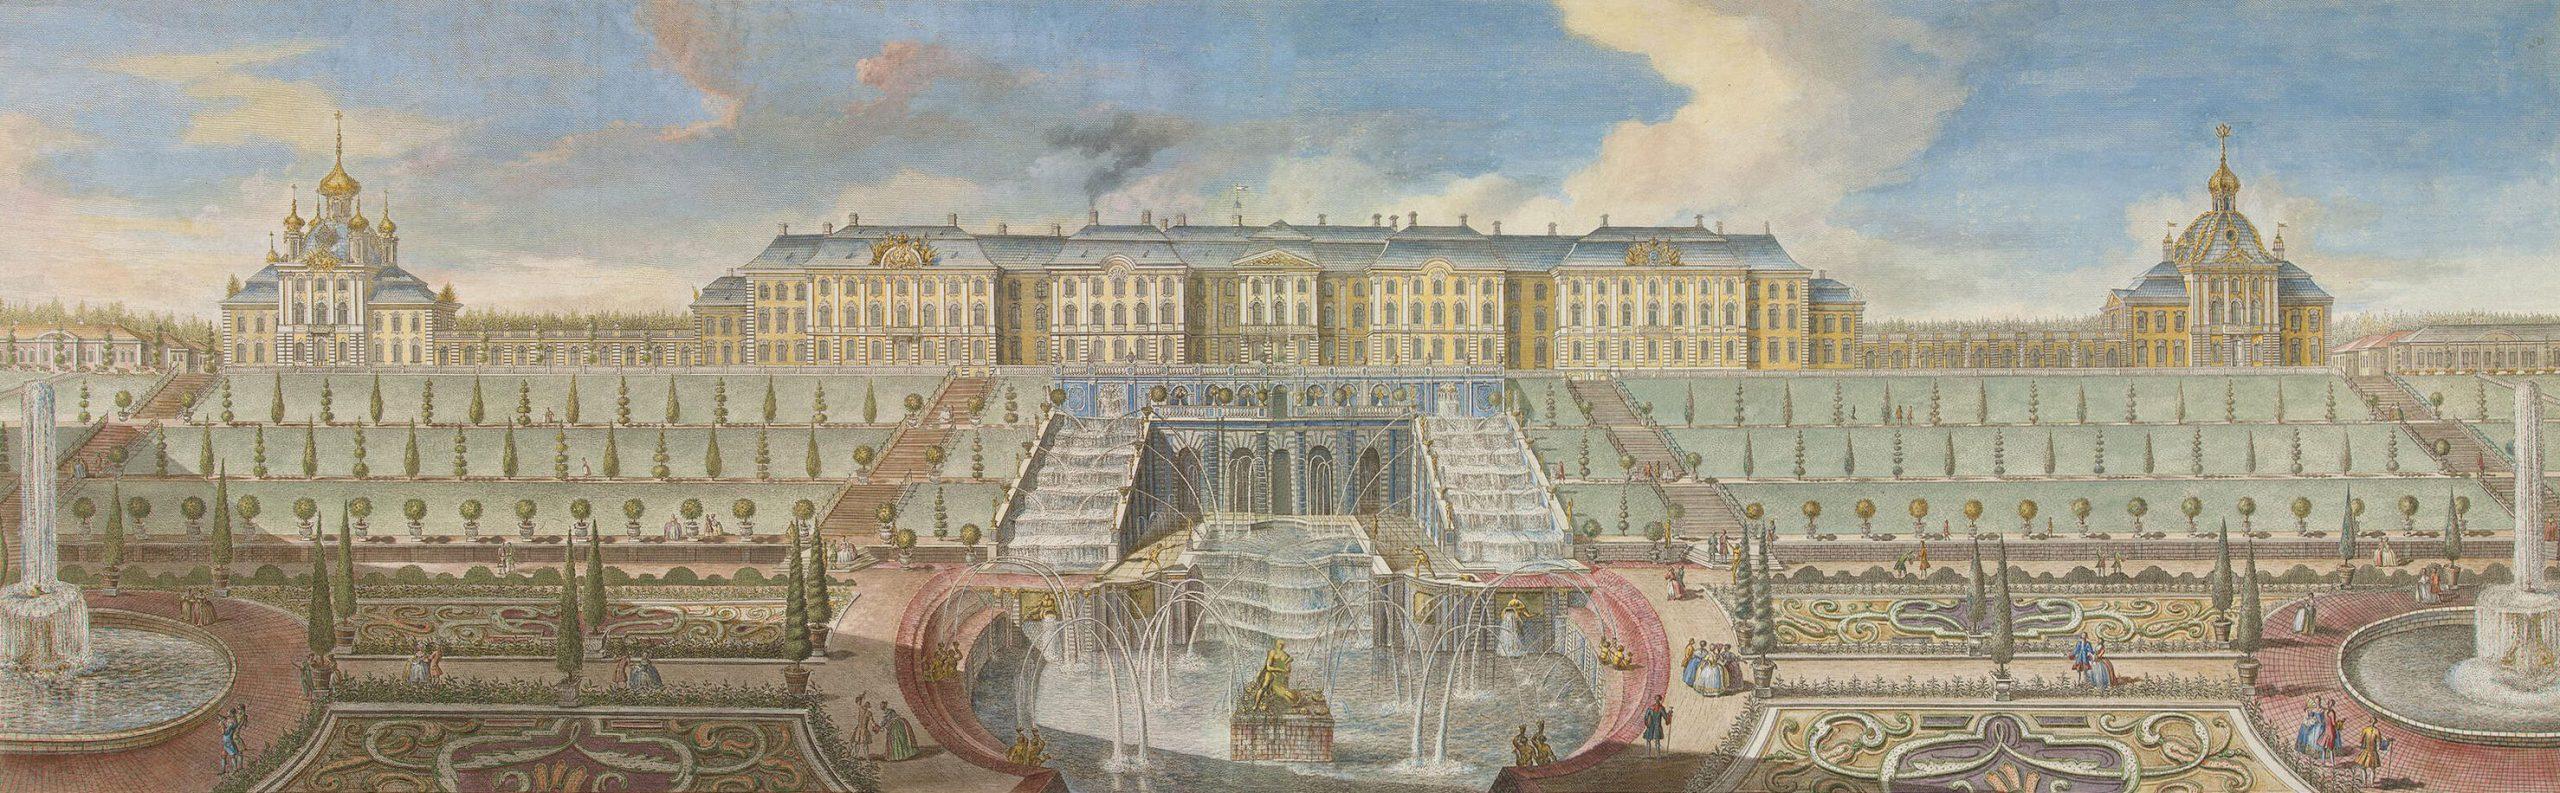 История Большого петергофского дворца